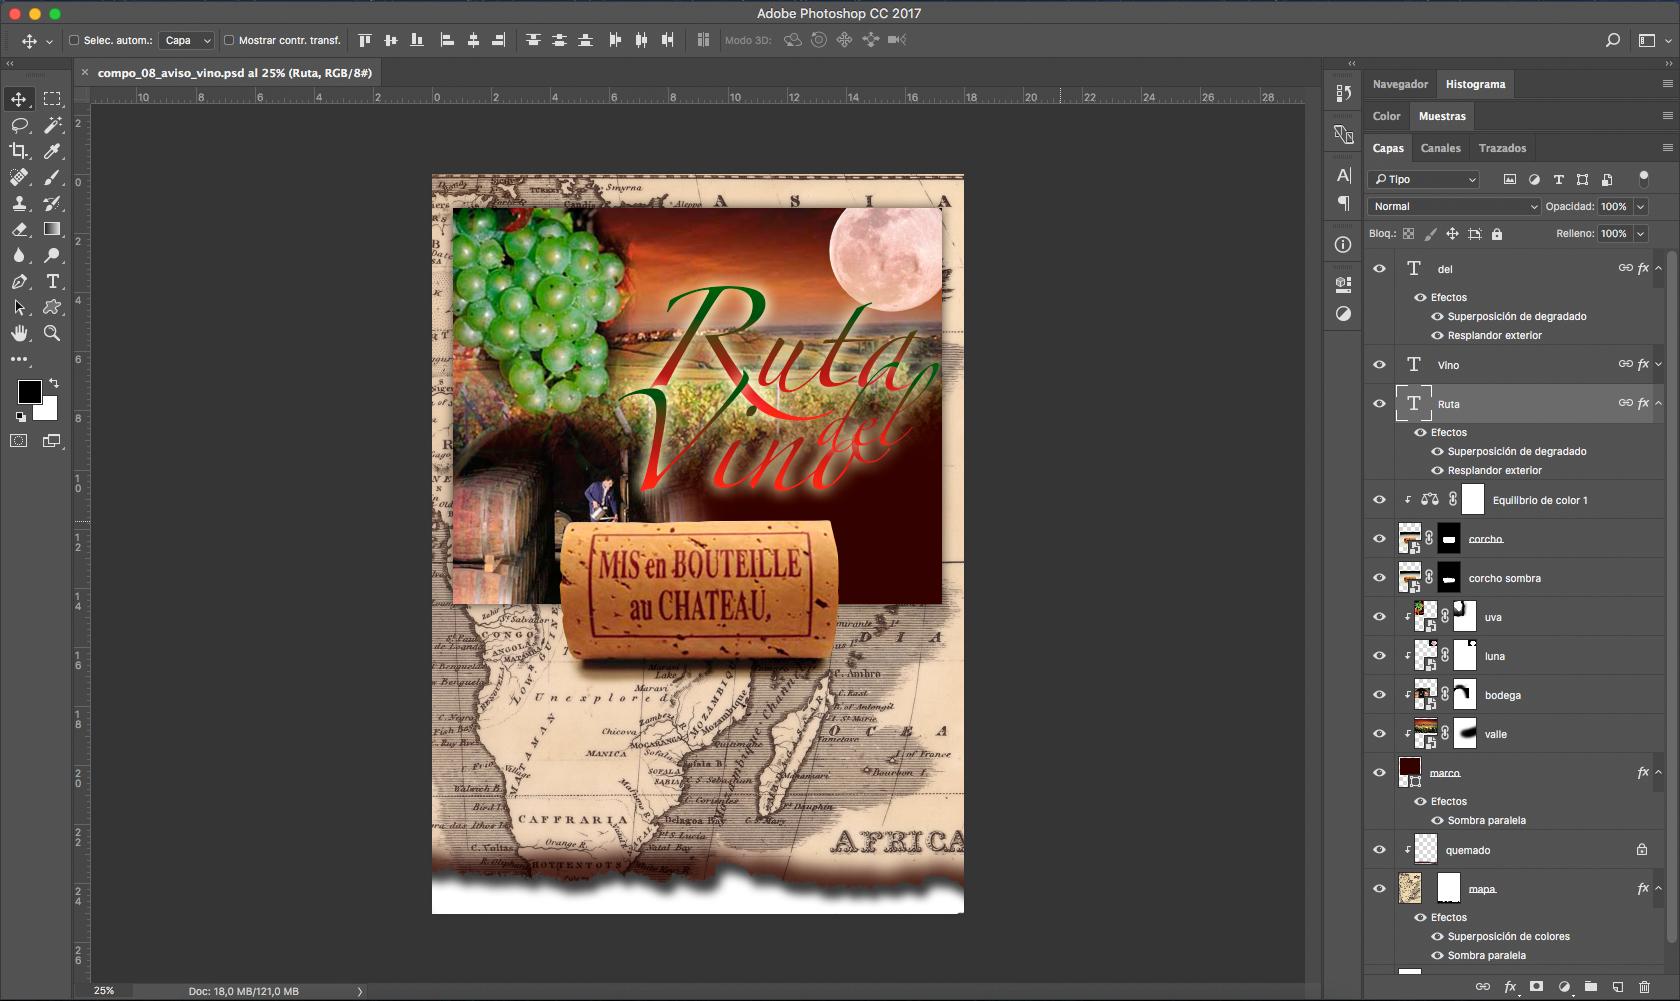 Curso Photoshop Modalidad Online Terminado - Mayo de 2021 en Neuma Capacita - Prof. Roberto Morales E.